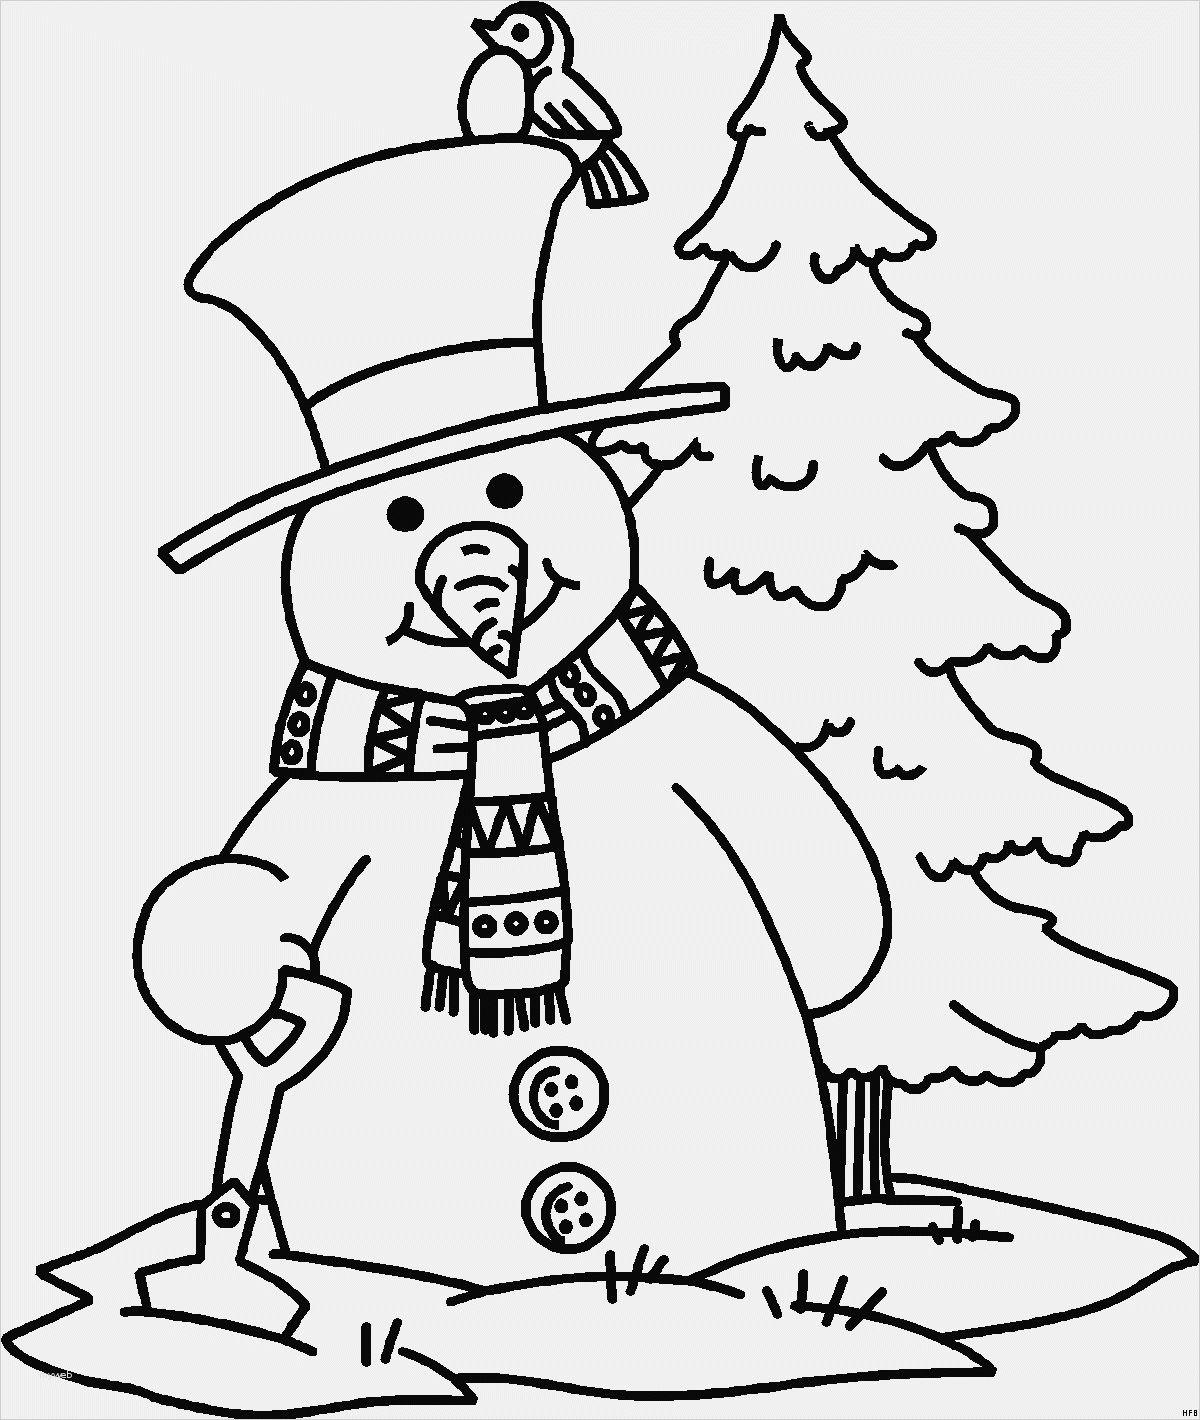 Schneemann Vorlage Zum Ausdrucken #christmas #xmas #coloring #art